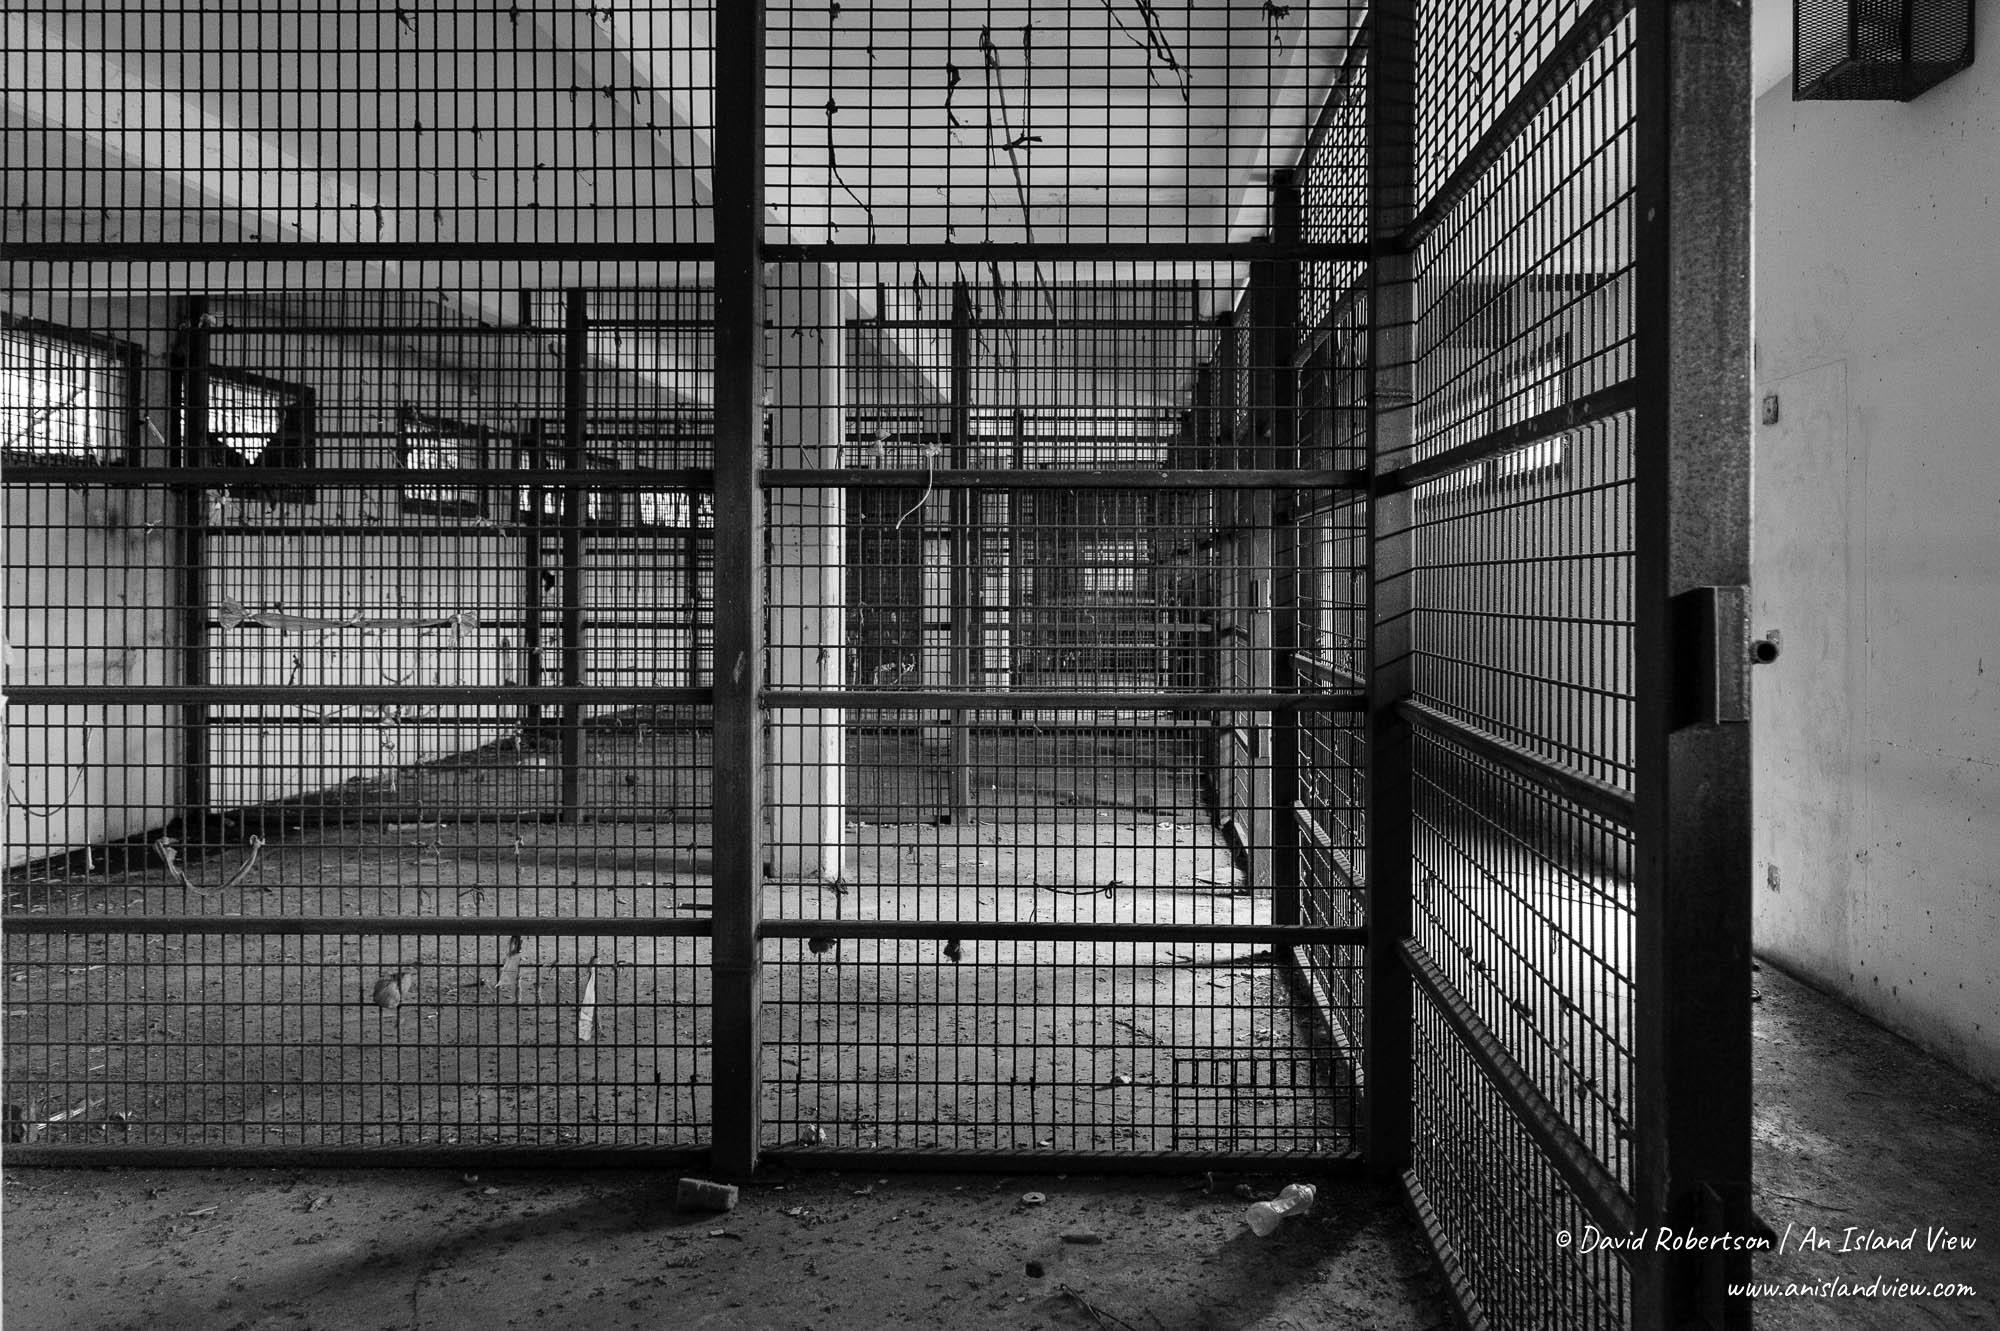 Prison cages.